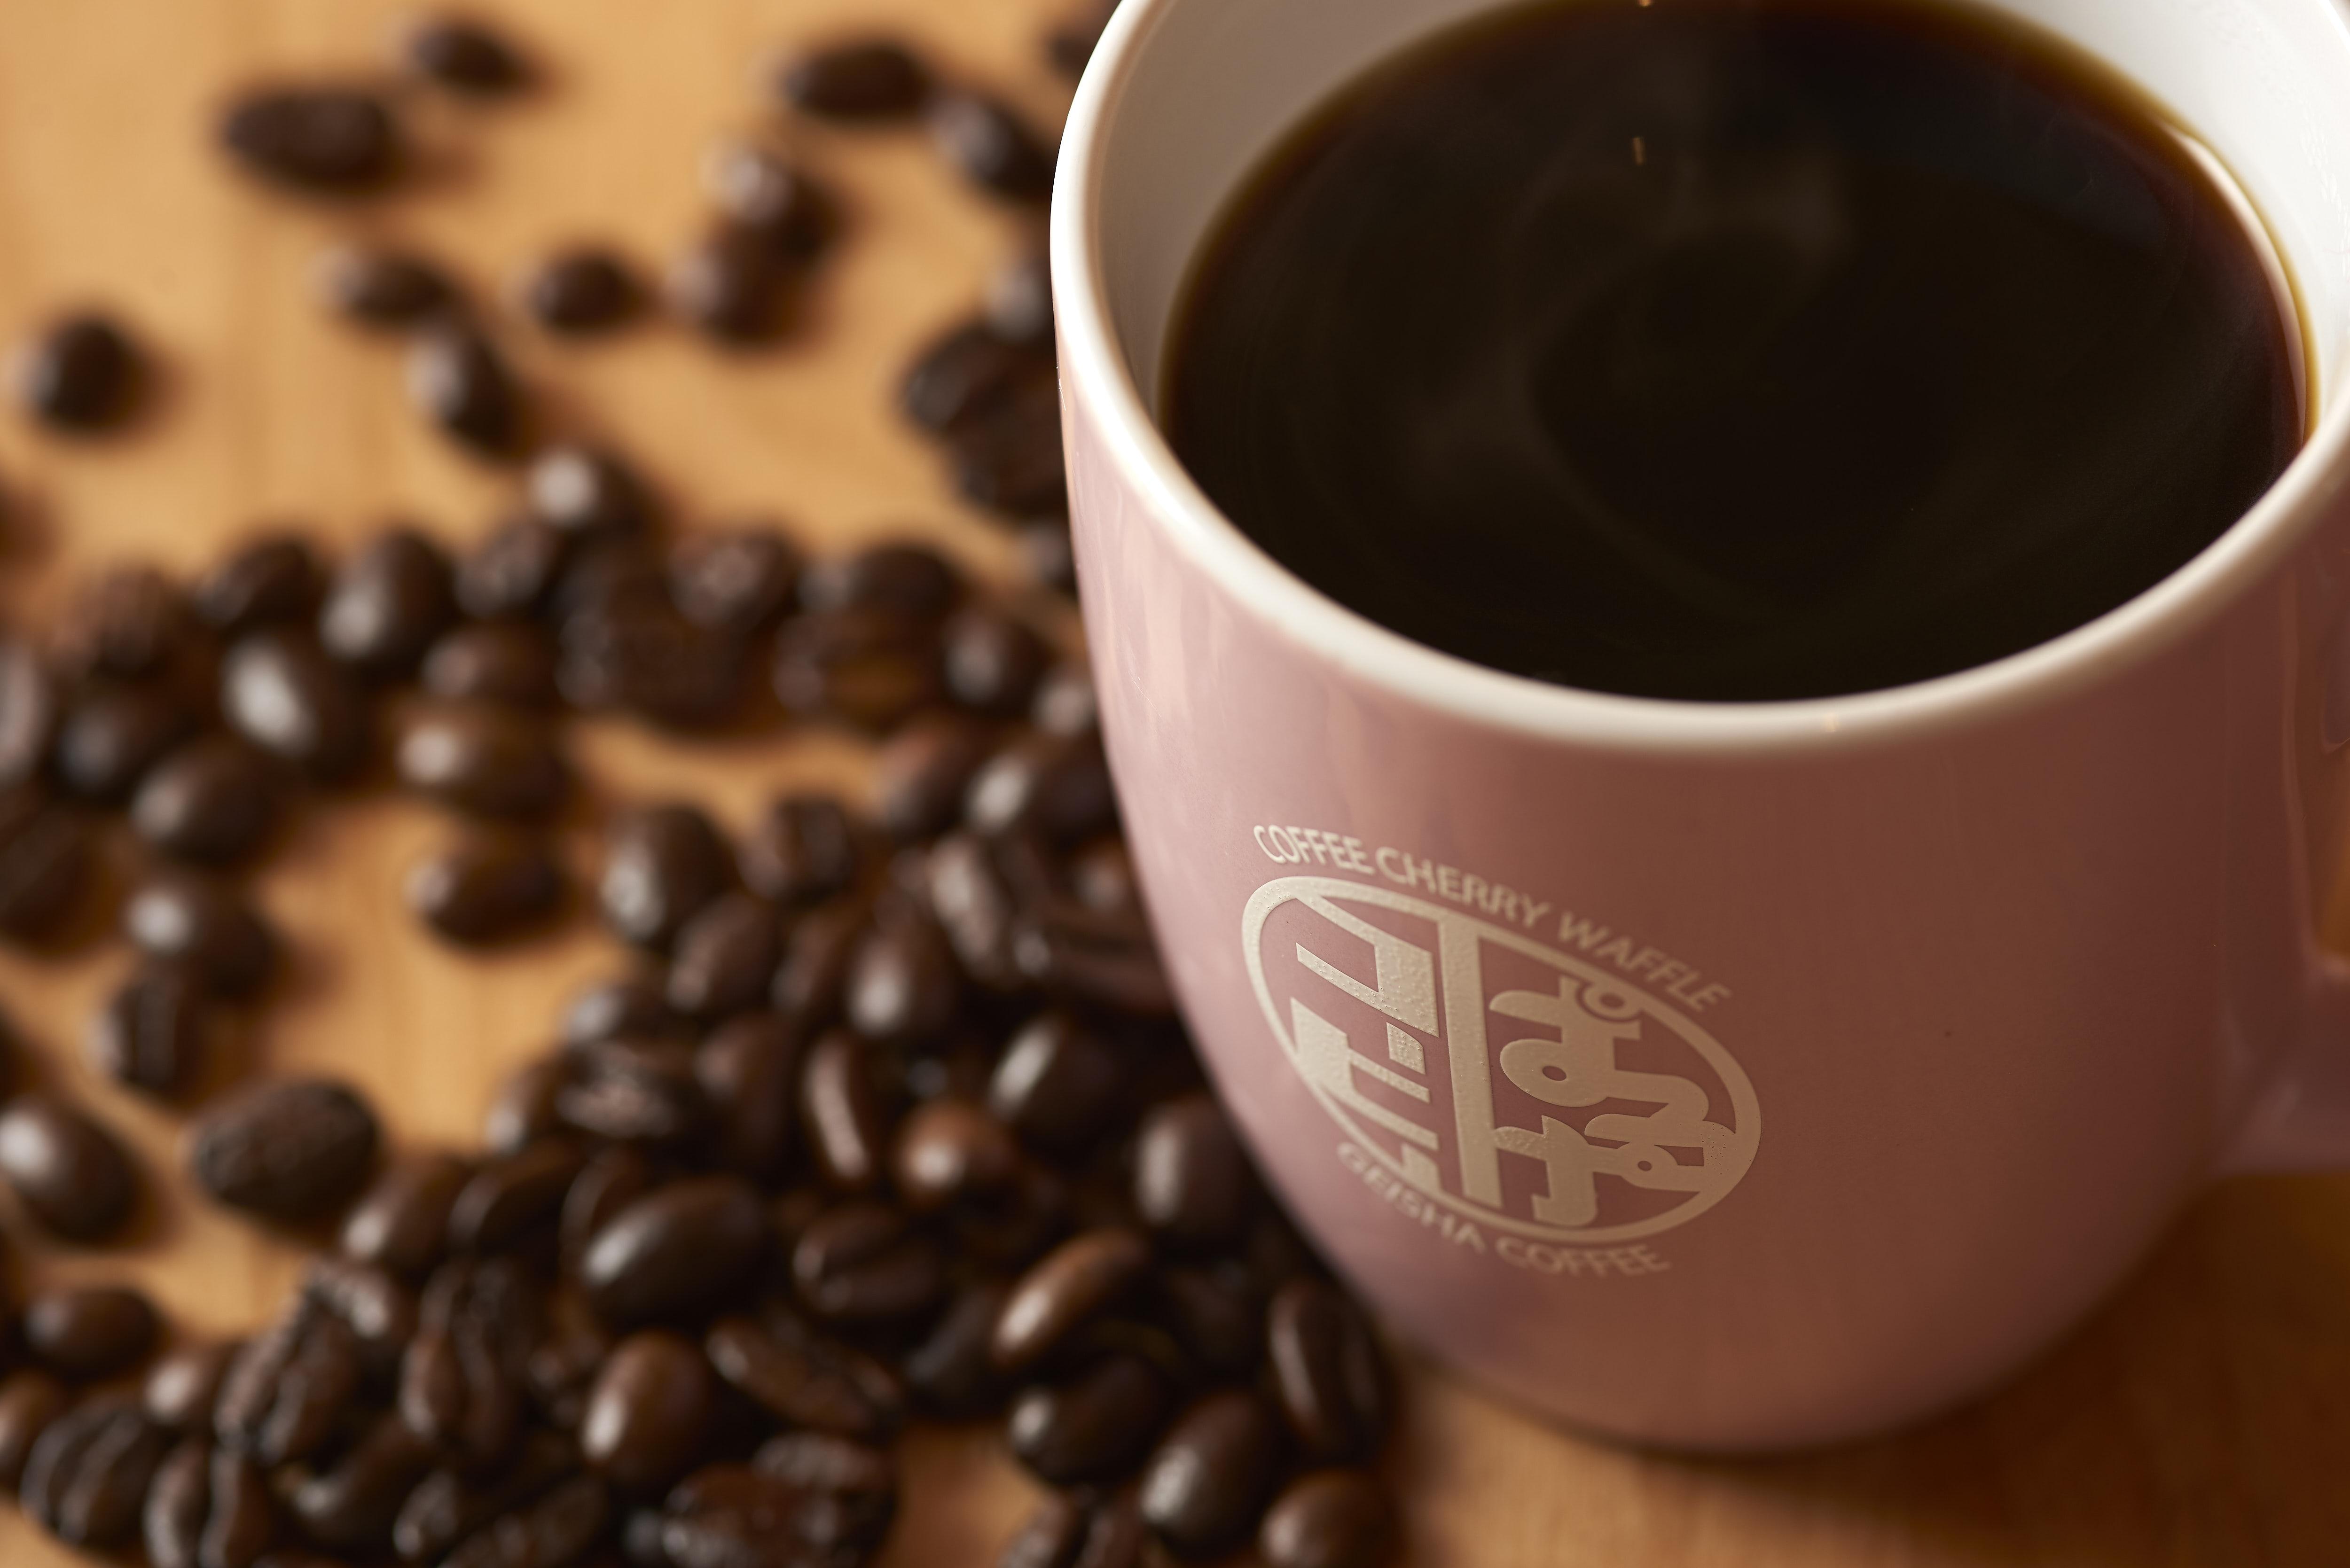 武蔵野市内・吉祥寺駅周辺にある「ゲイシャコーヒー&コーヒーチェリーぱるけコーヒー」さんのクチコミレポート。希少なGEISHA(ゲイシャ)コーヒーが楽しめるカフェ